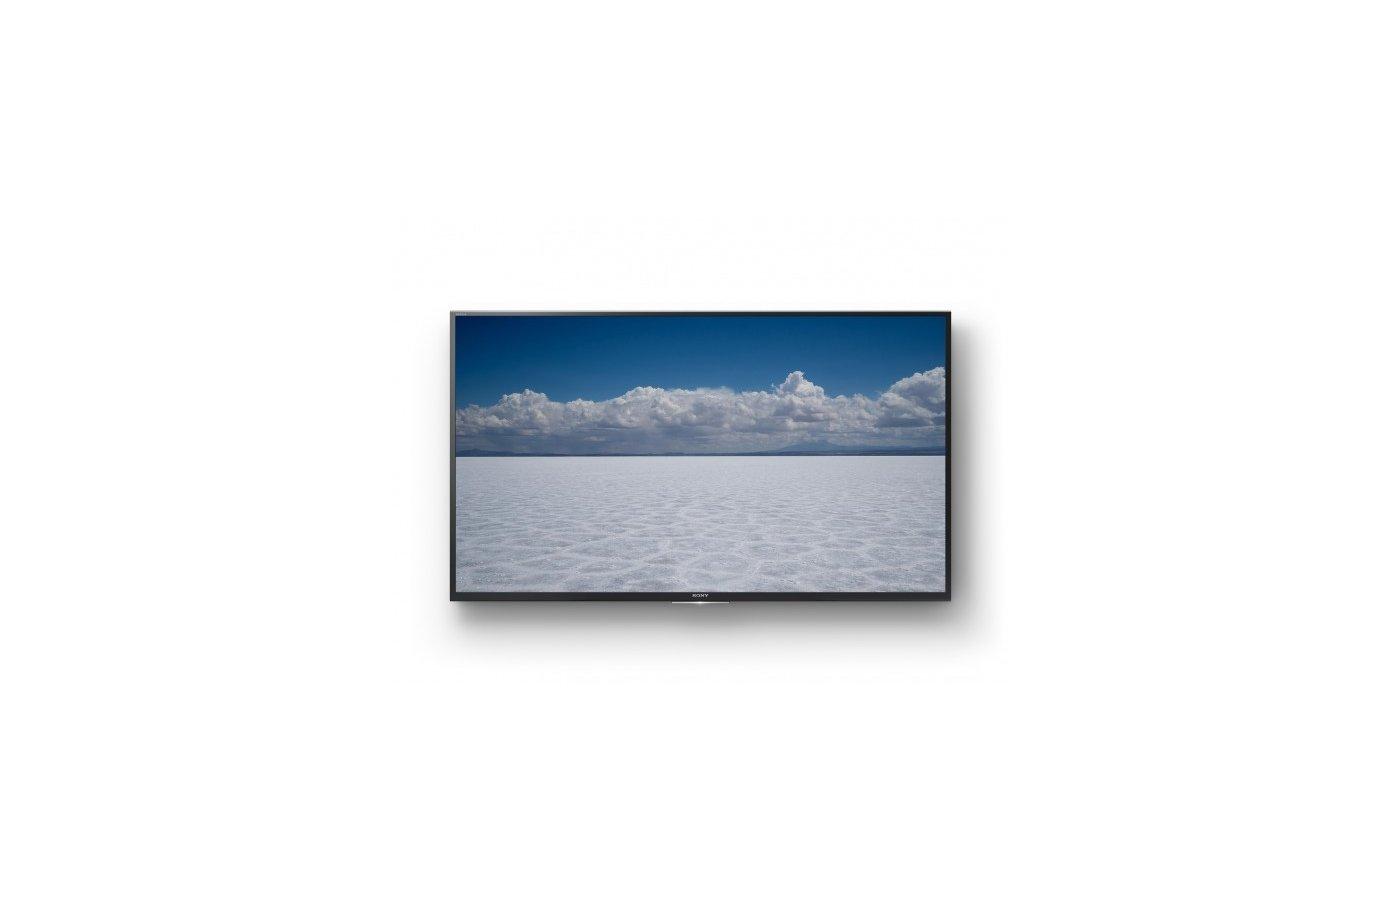 4K (Ultra HD) телевизор SONY KD-49XD7005